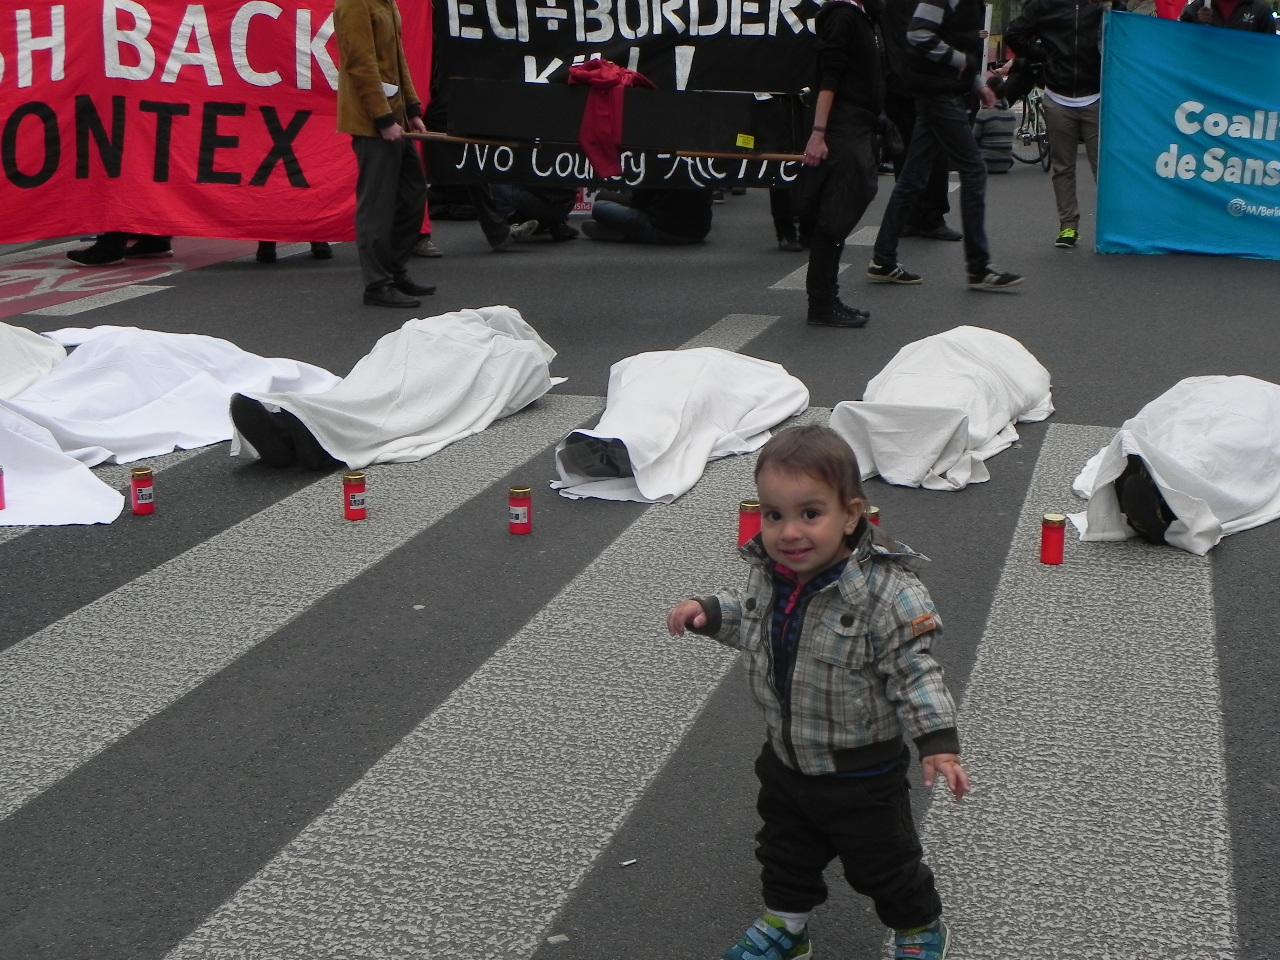 Relacje z demonstracji w Warszawie / Coverage from the Warsaw demonstration